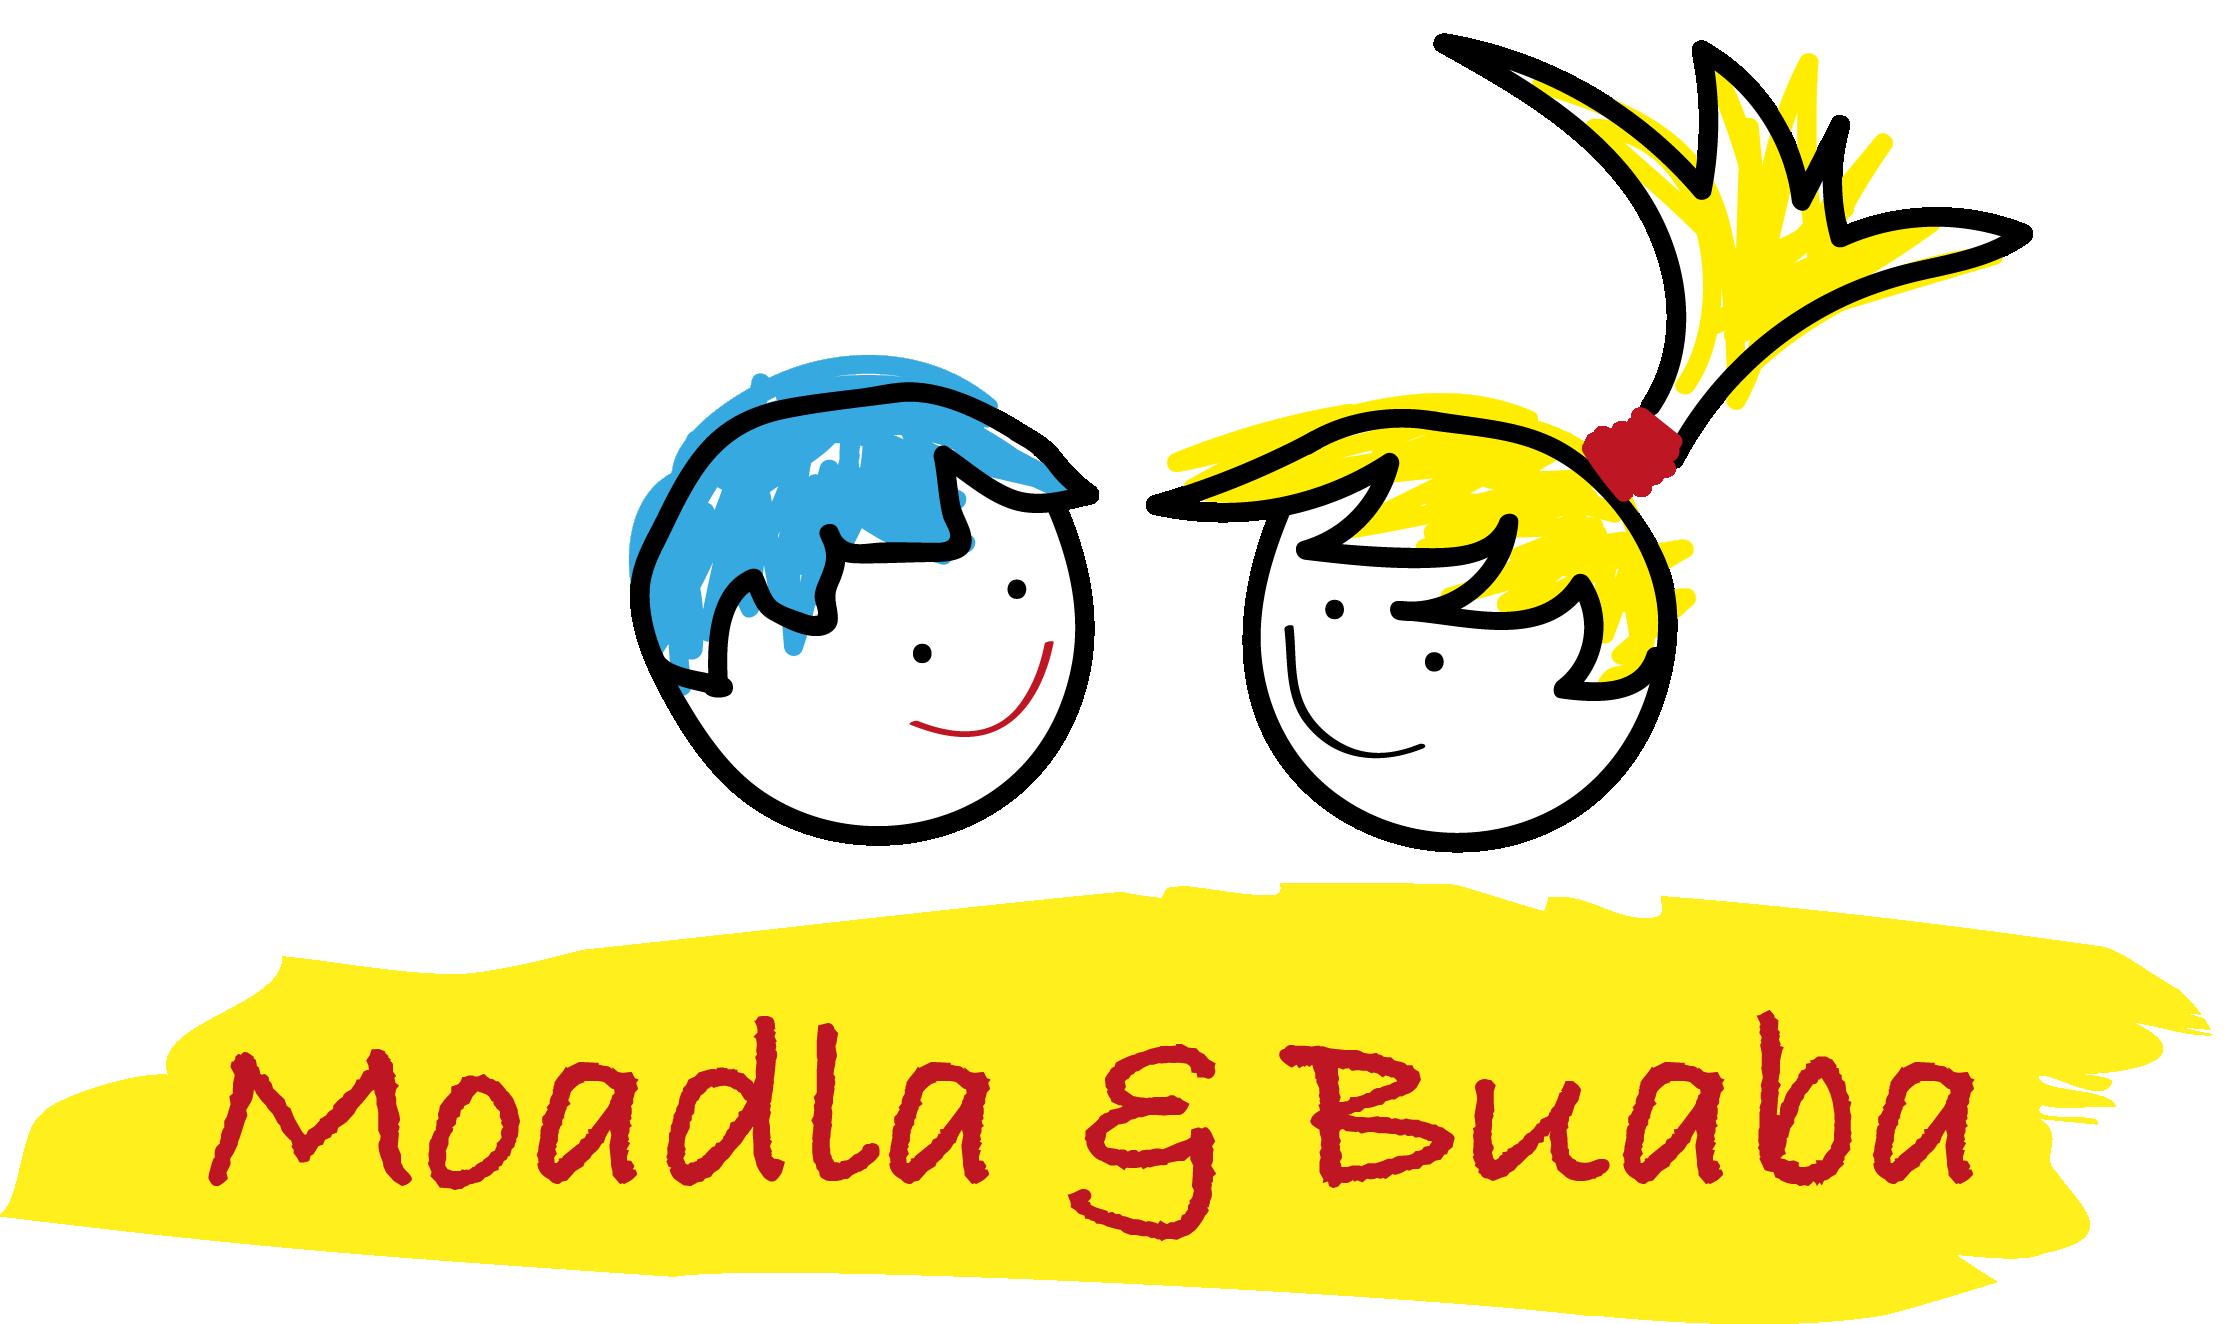 Moadla und Buabe, gemeinnütziger Verein, Logo mit Strichzeichnungen, Best practice Logo, the best logos 2019